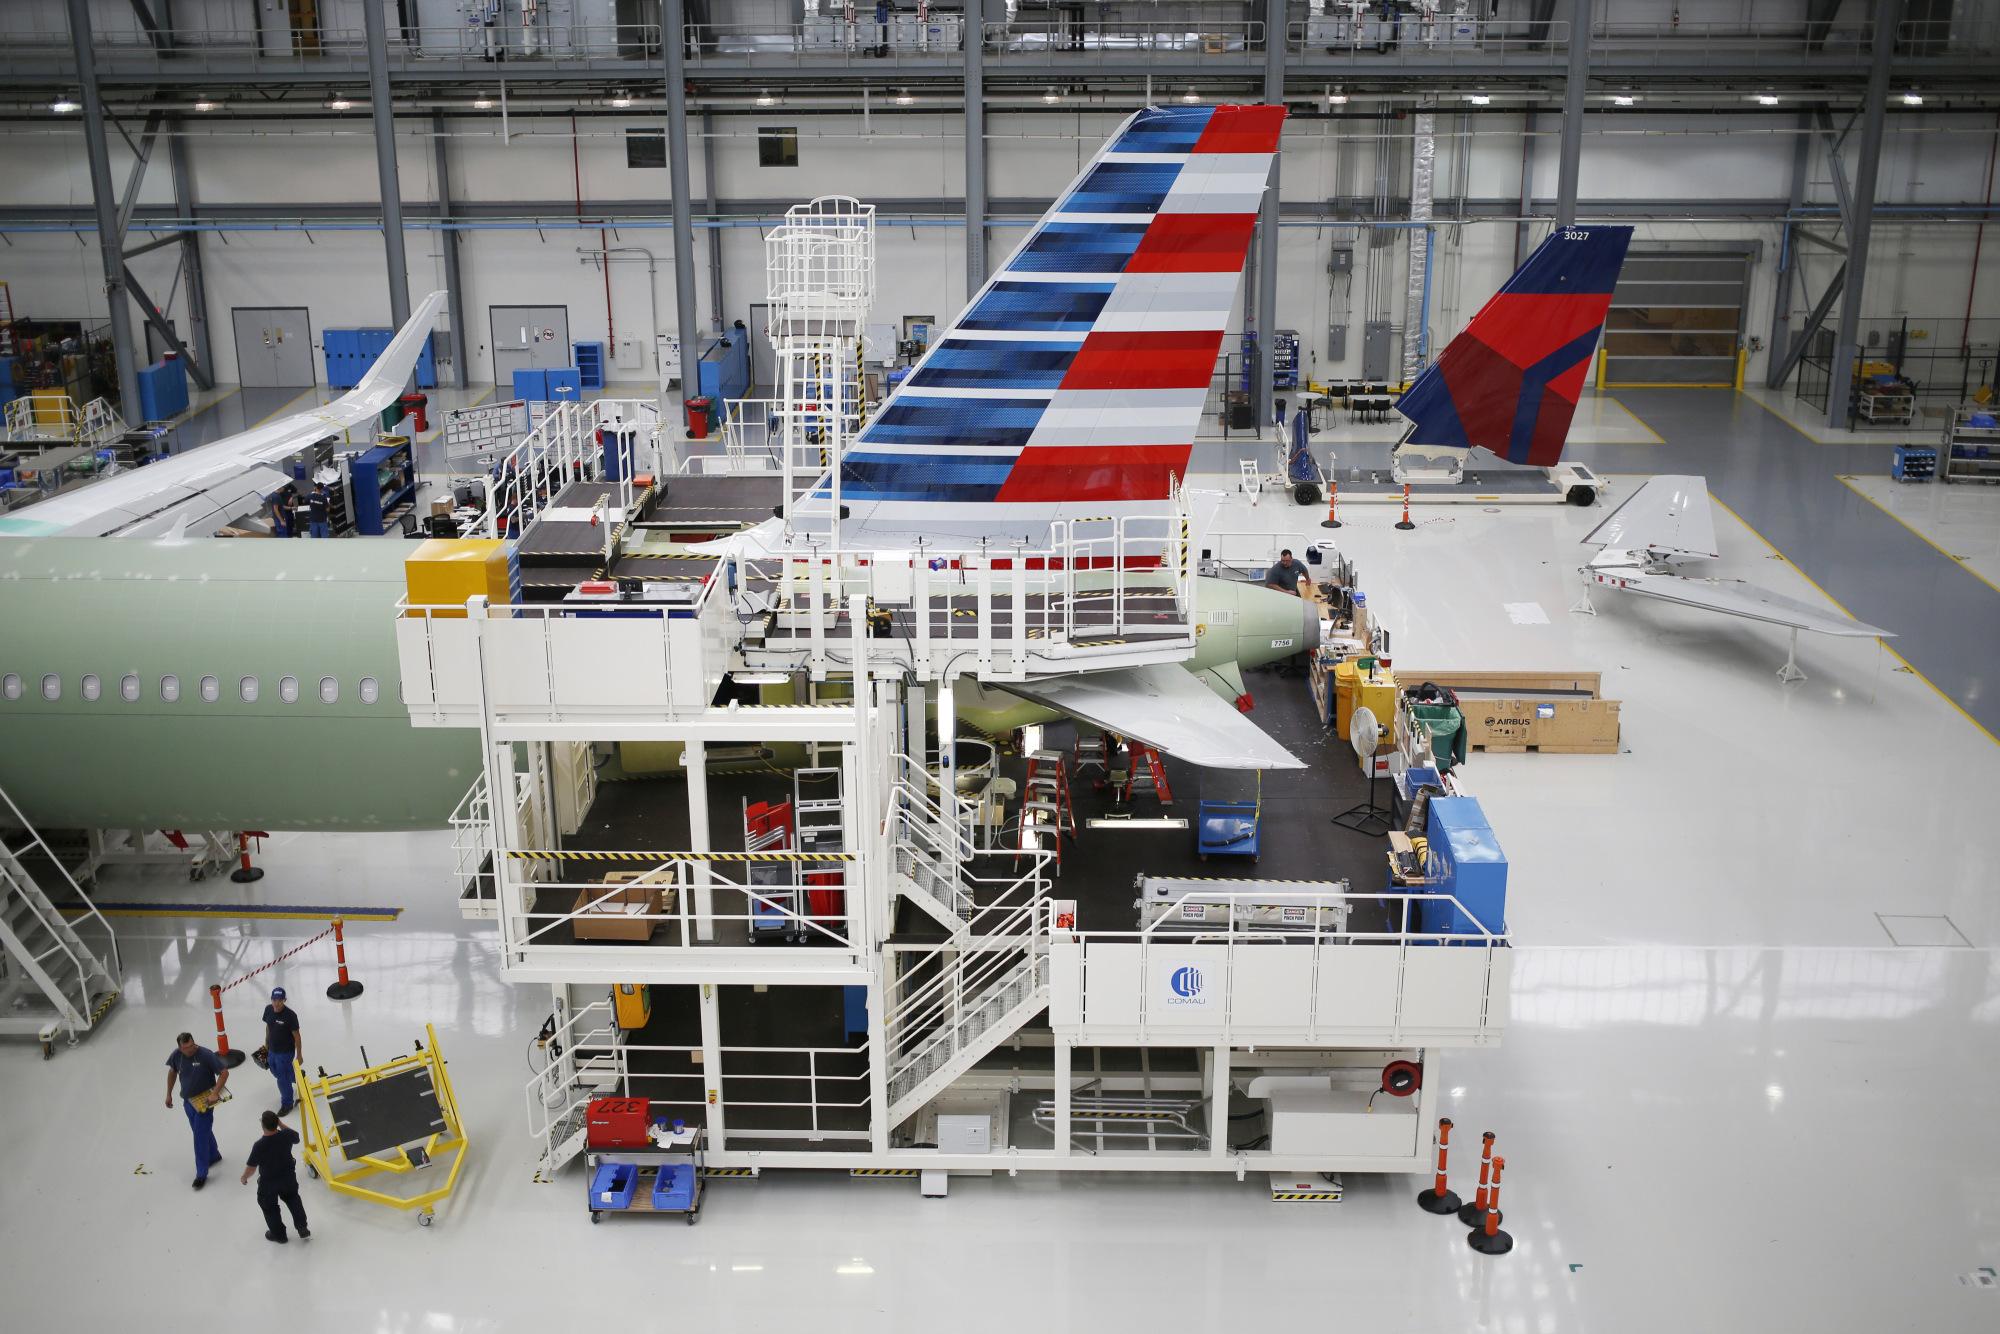 American Air Mulls Longest-Range Airbus A321 to Plug Boeing Gap